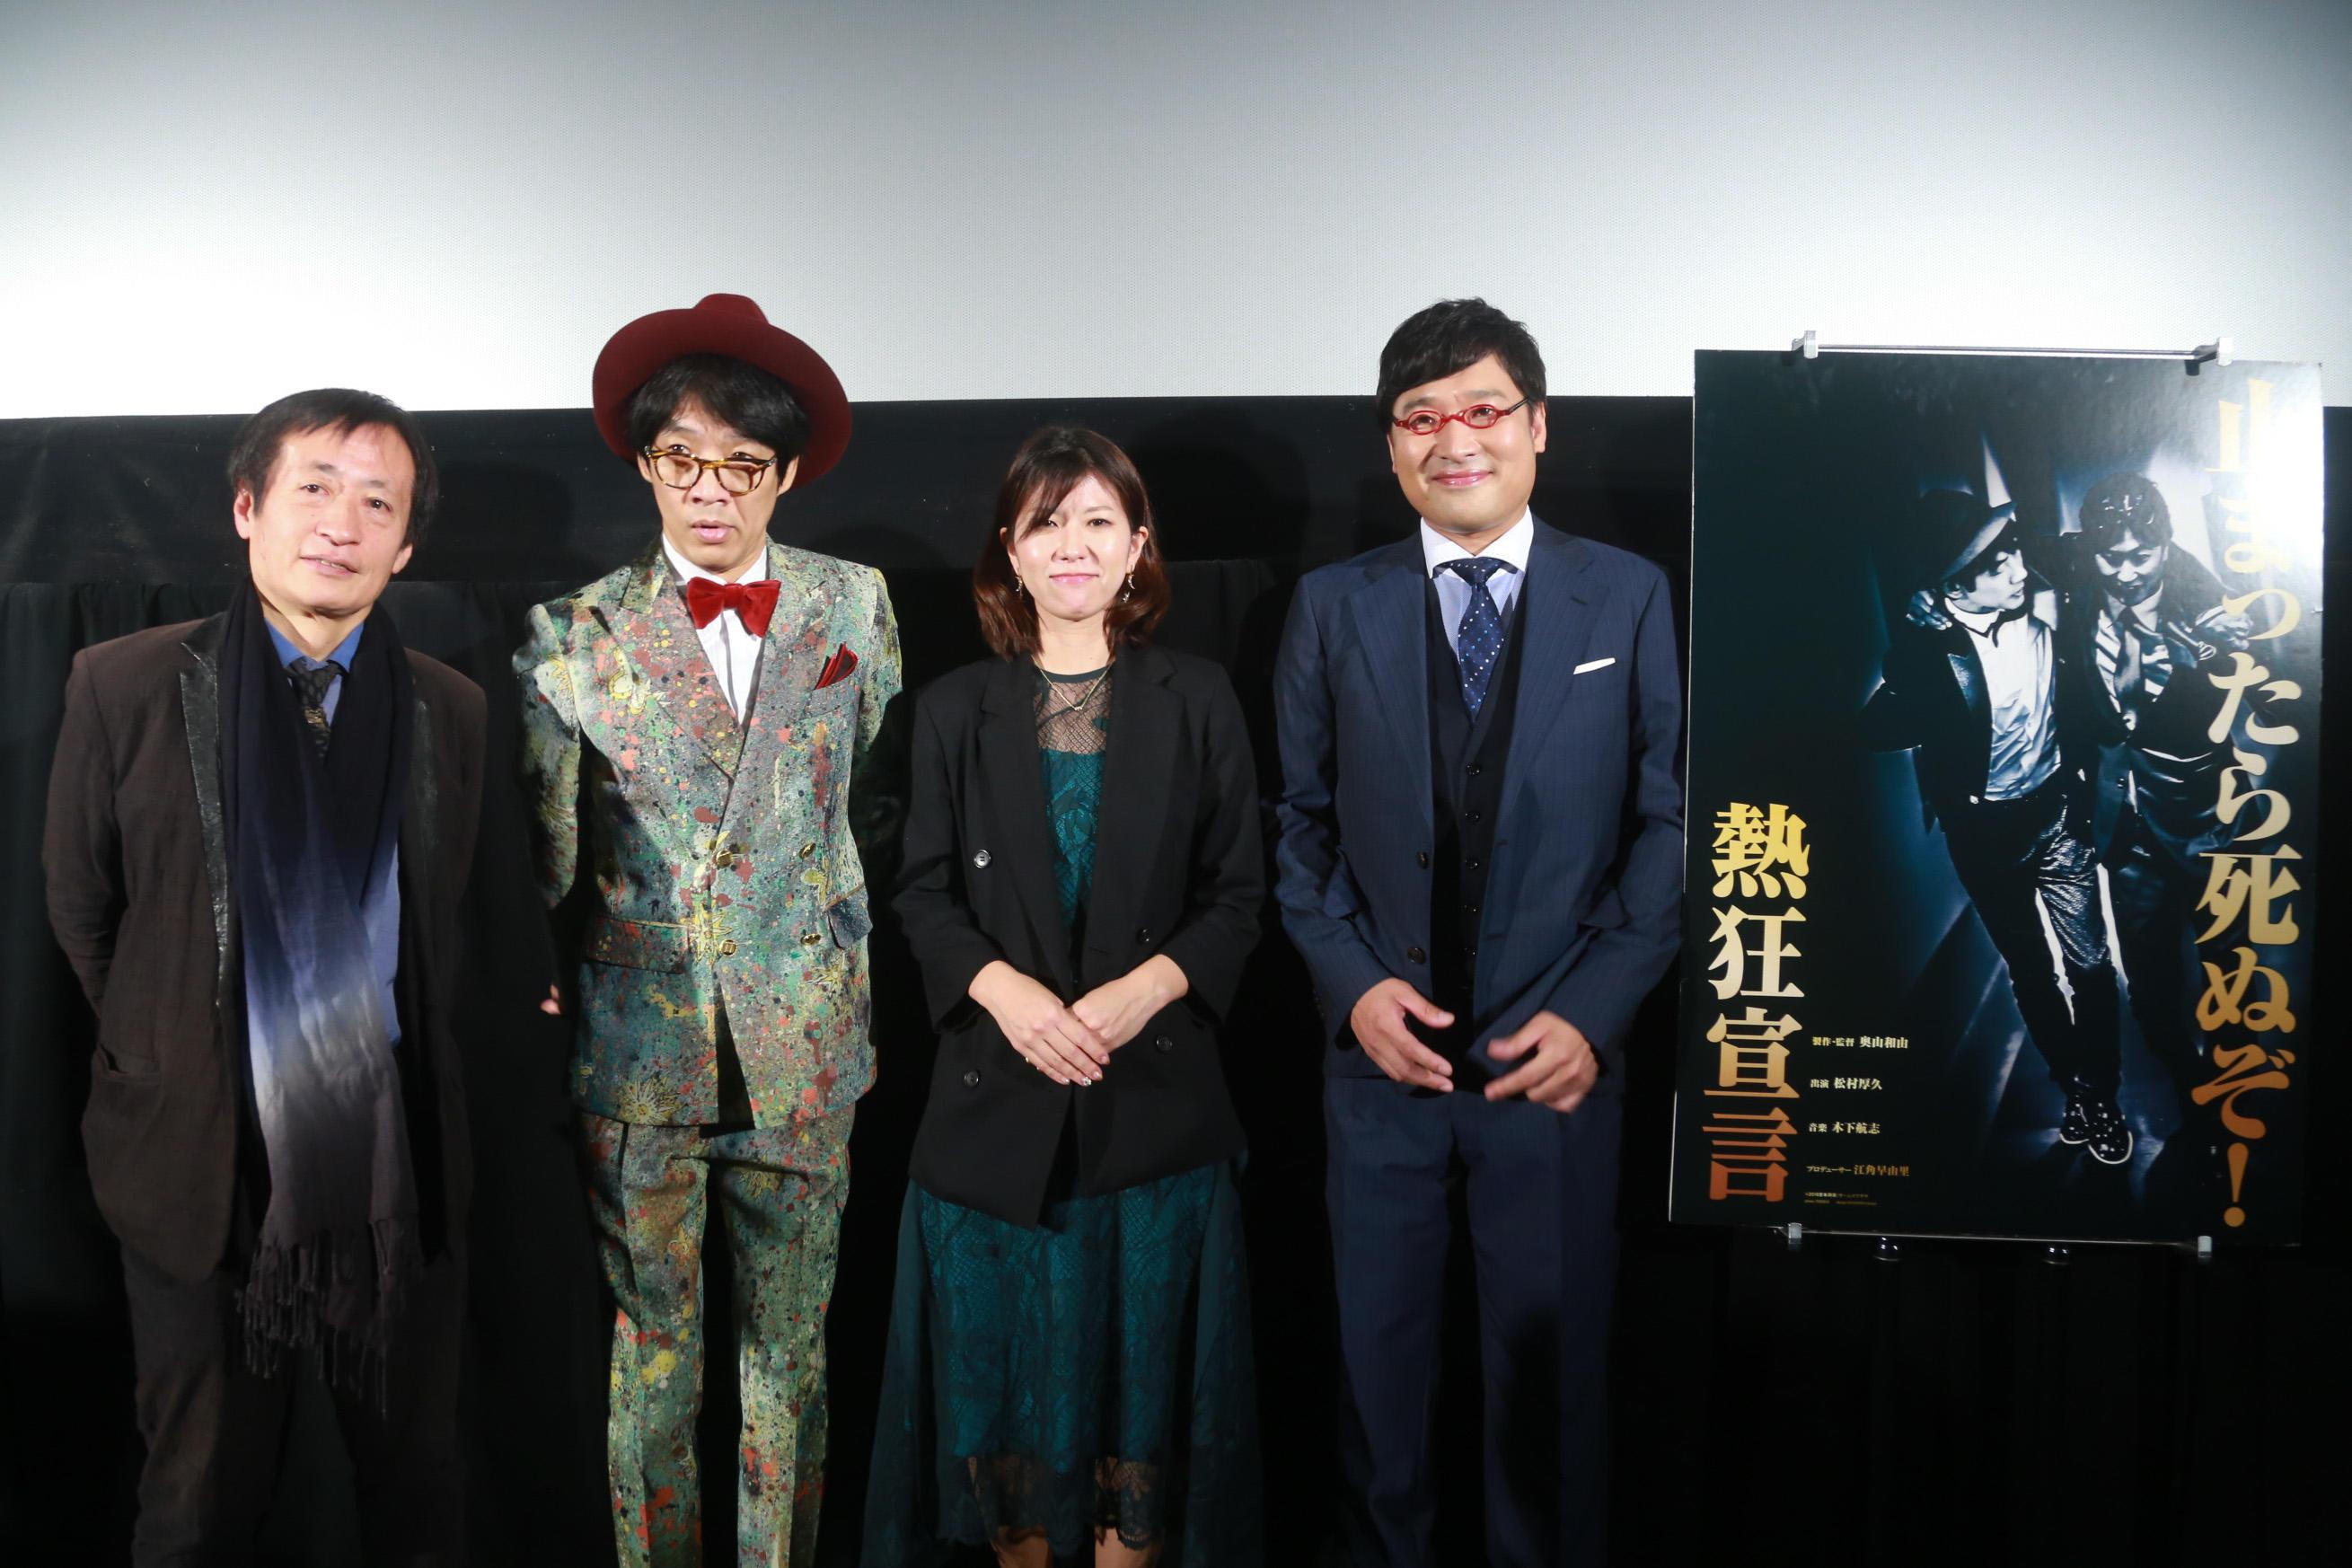 http://news.yoshimoto.co.jp/20181104141037-b7be3fc2515fdecb6c3c5ed0c5a7a4923f96ee18.jpg